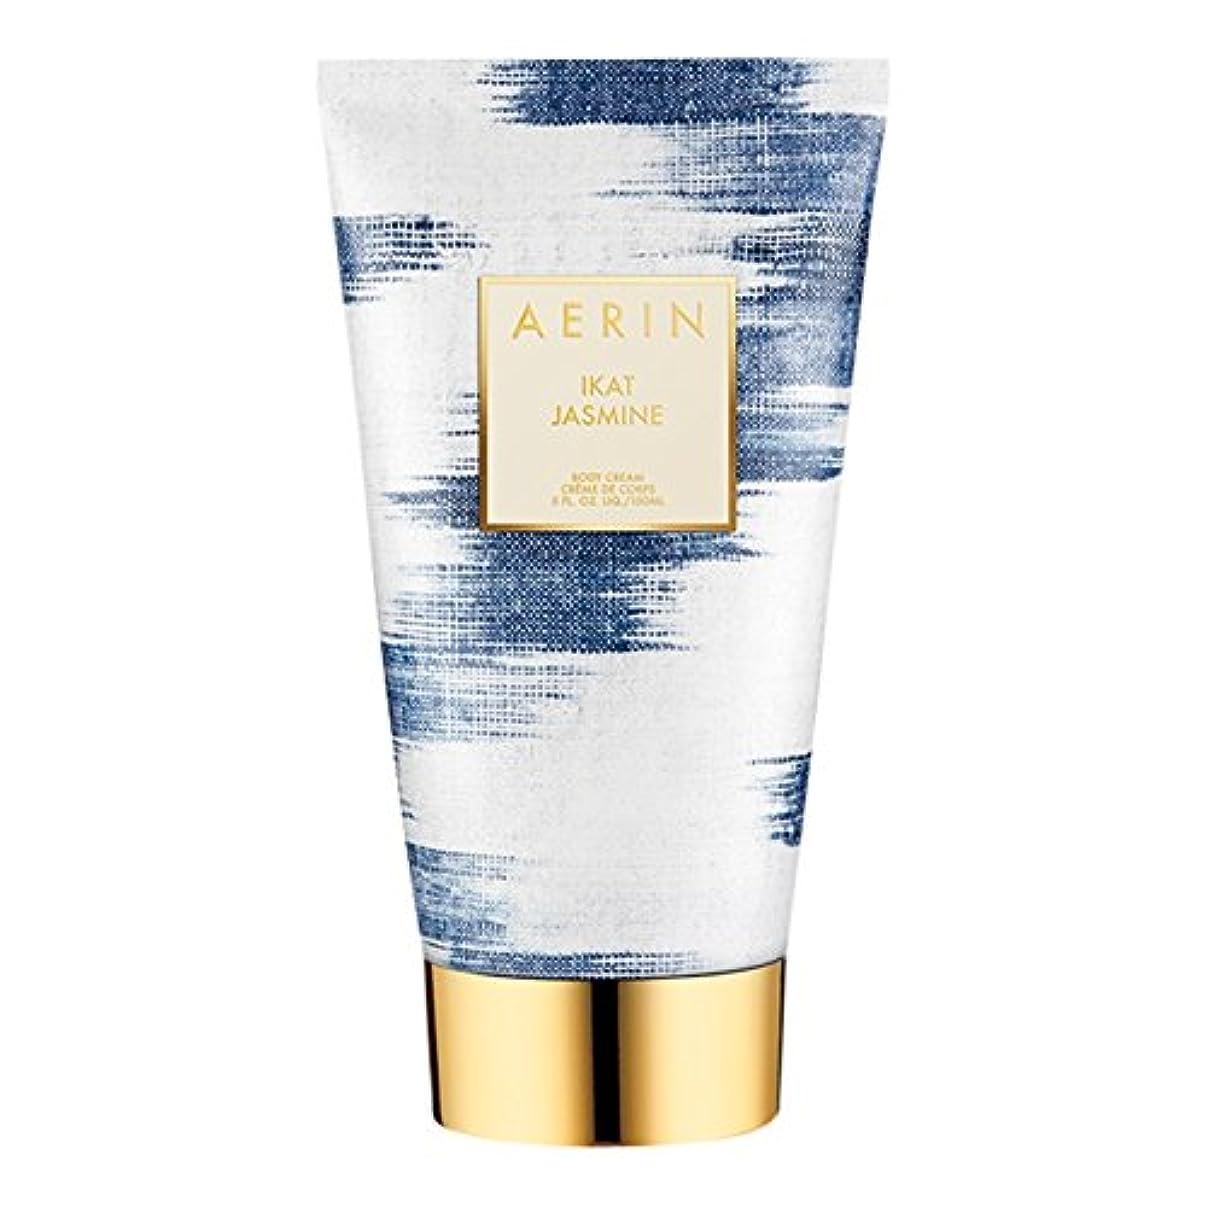 クリープグリップ非難Aerinイカットジャスミンボディクリーム150ミリリットル (AERIN) (x6) - AERIN Ikat Jasmine Body Cream 150ml (Pack of 6) [並行輸入品]